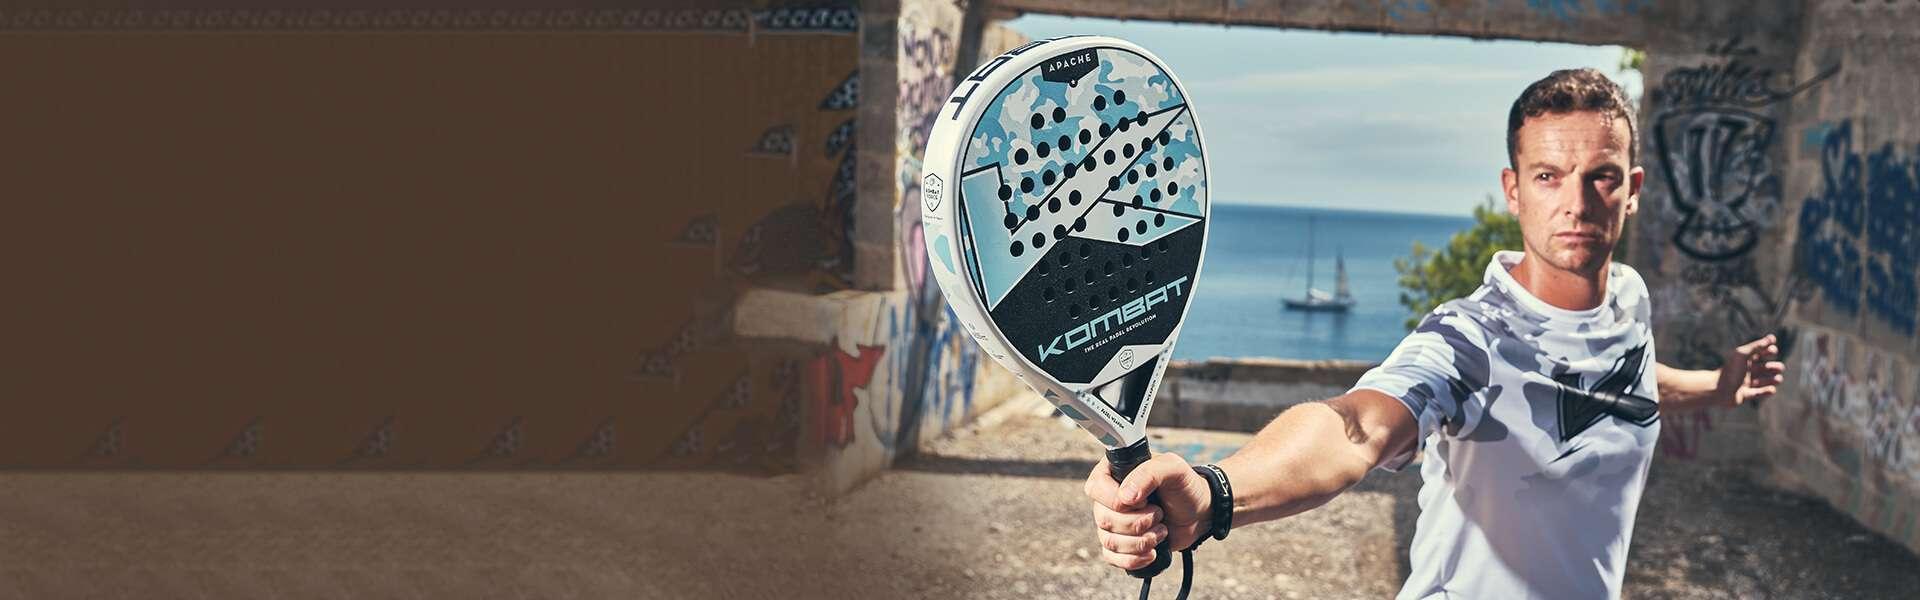 Racchette da paddle con formato Lacrima | Kombat Pádel